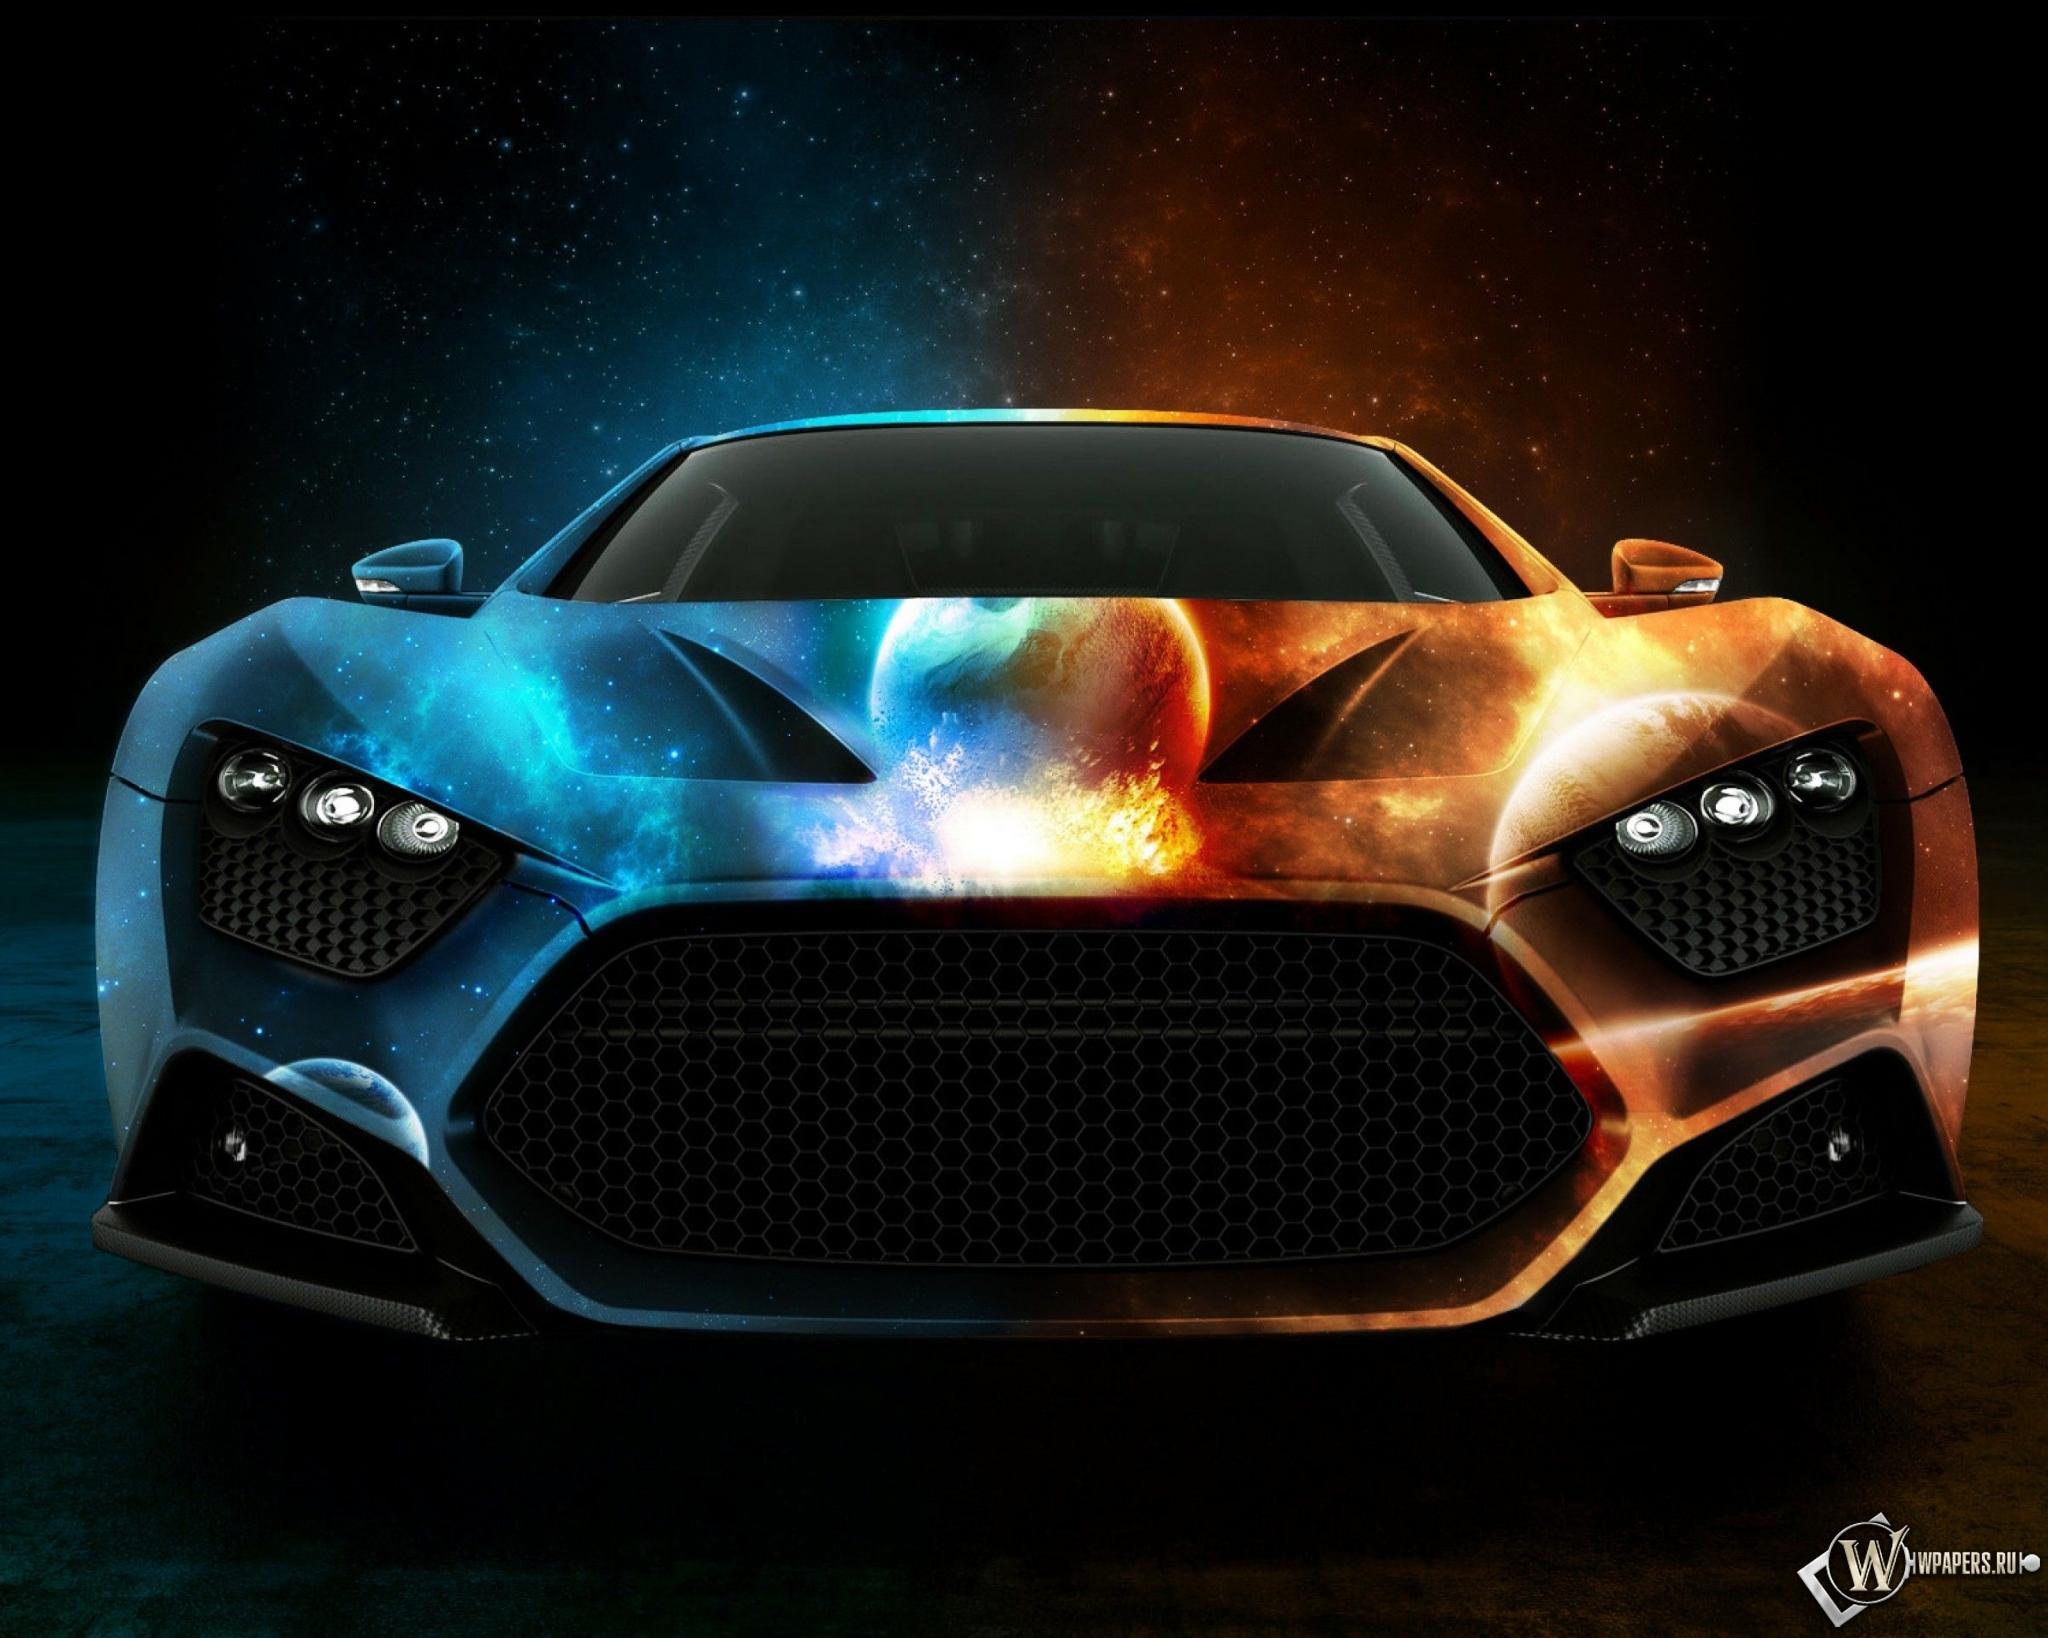 Машина двух миров 2048x1638